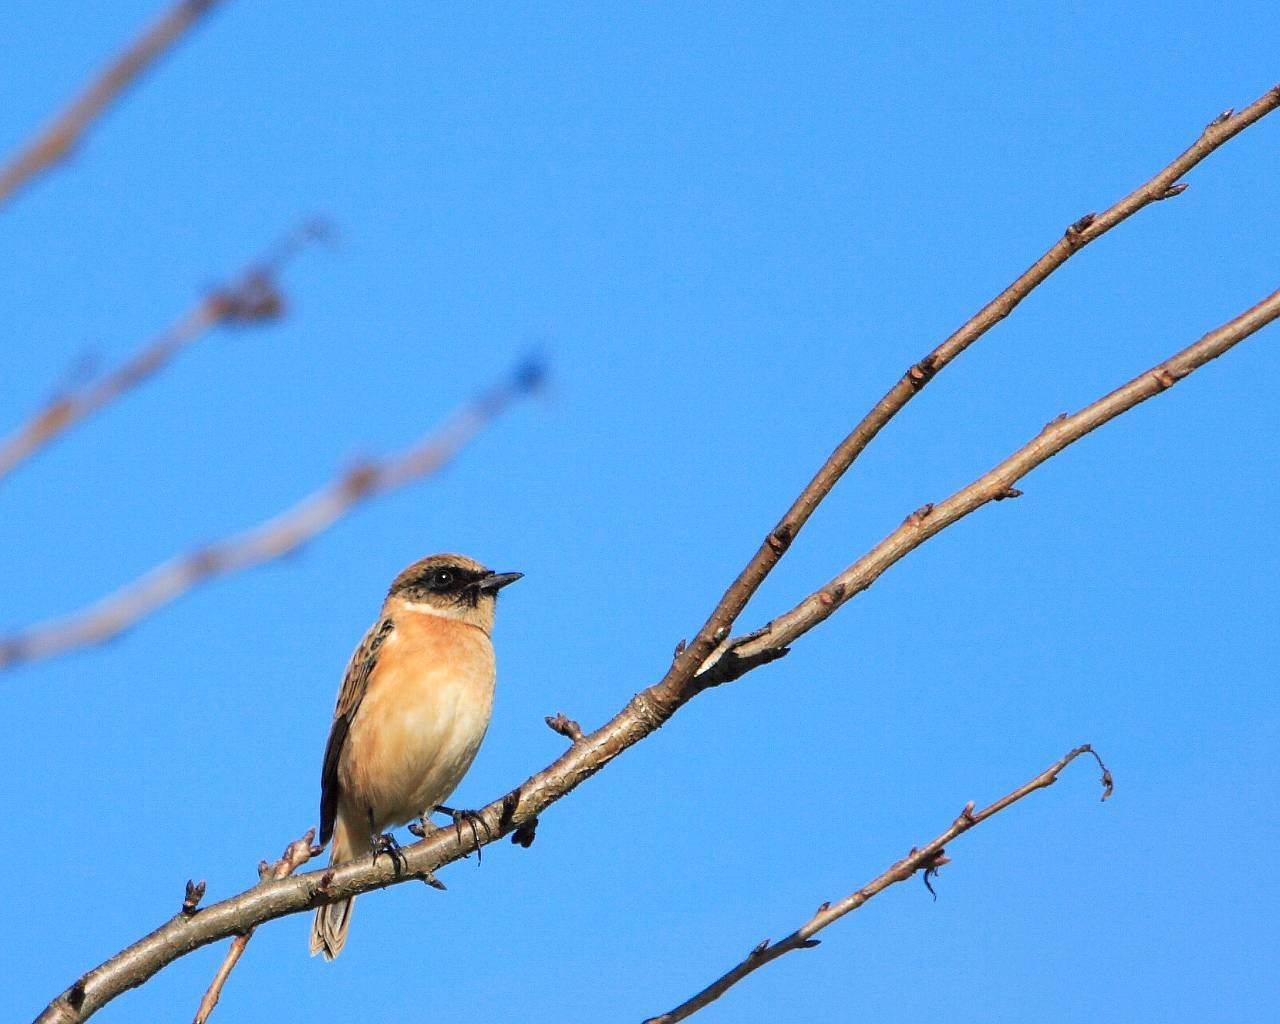 秋空とノビタキ(秋の澄み切った青空と野鳥の壁紙)_f0105570_223587.jpg